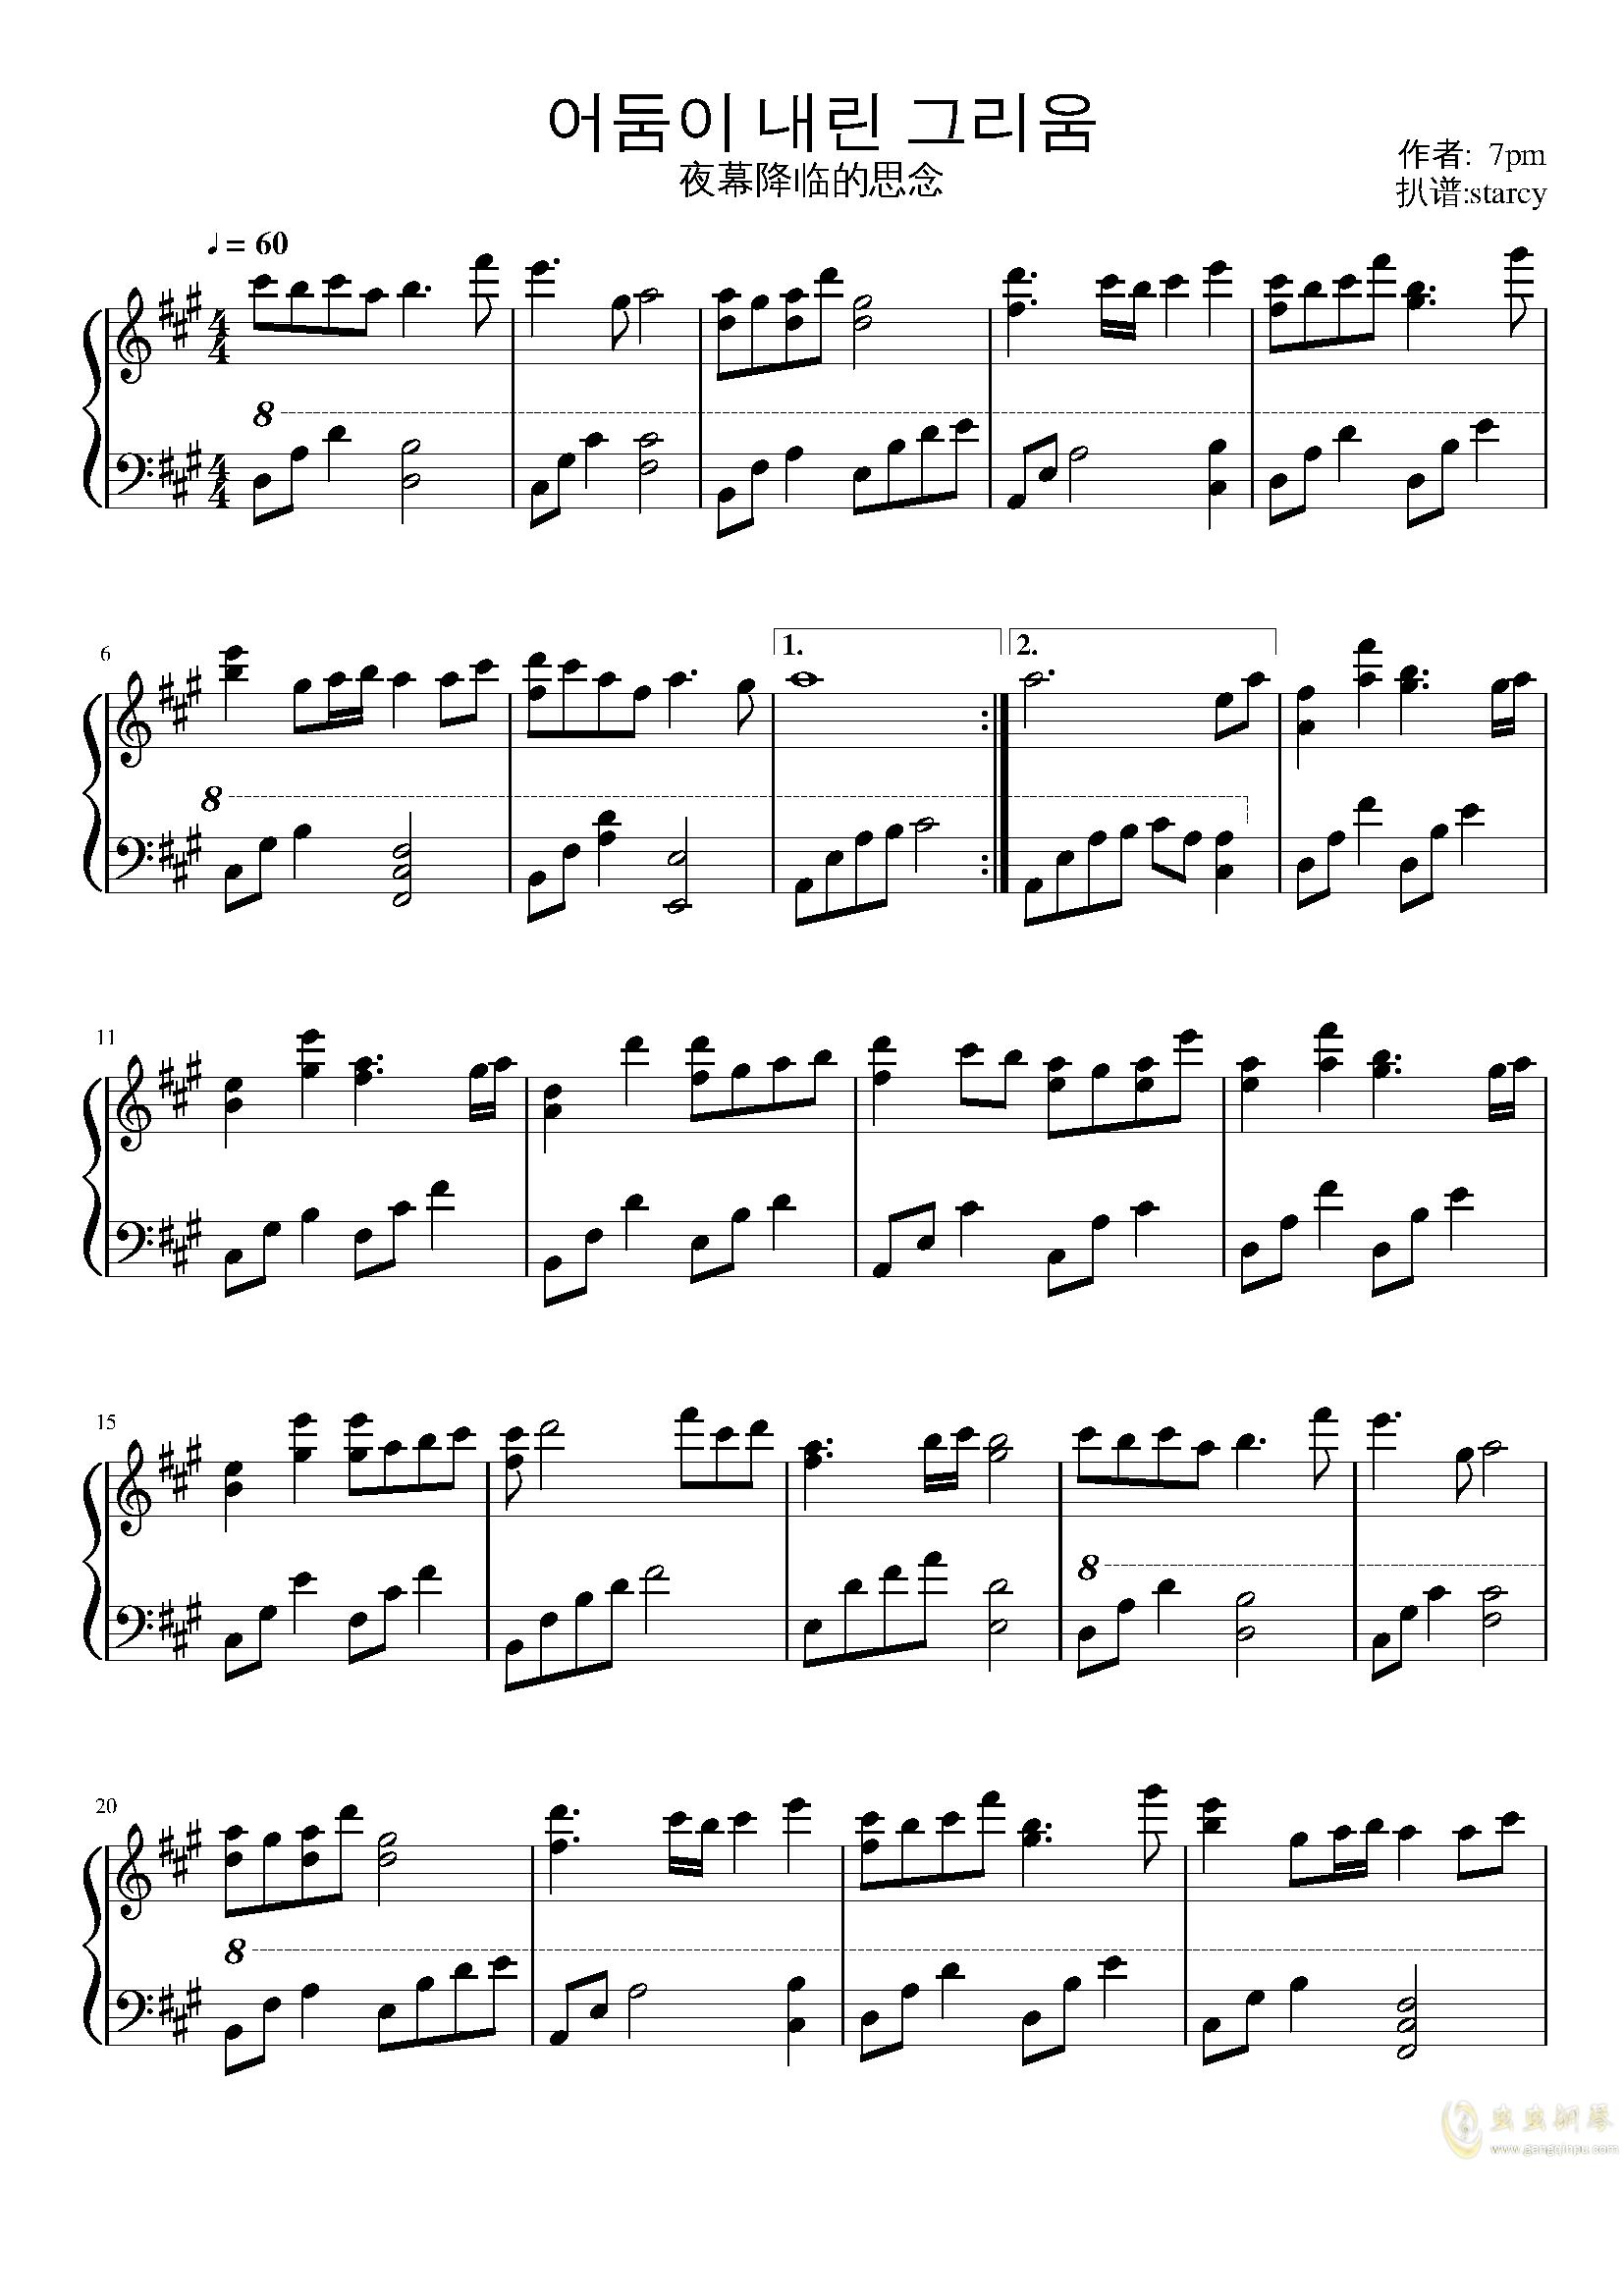 夜幕降临的思念ag88环亚娱乐谱 第1页